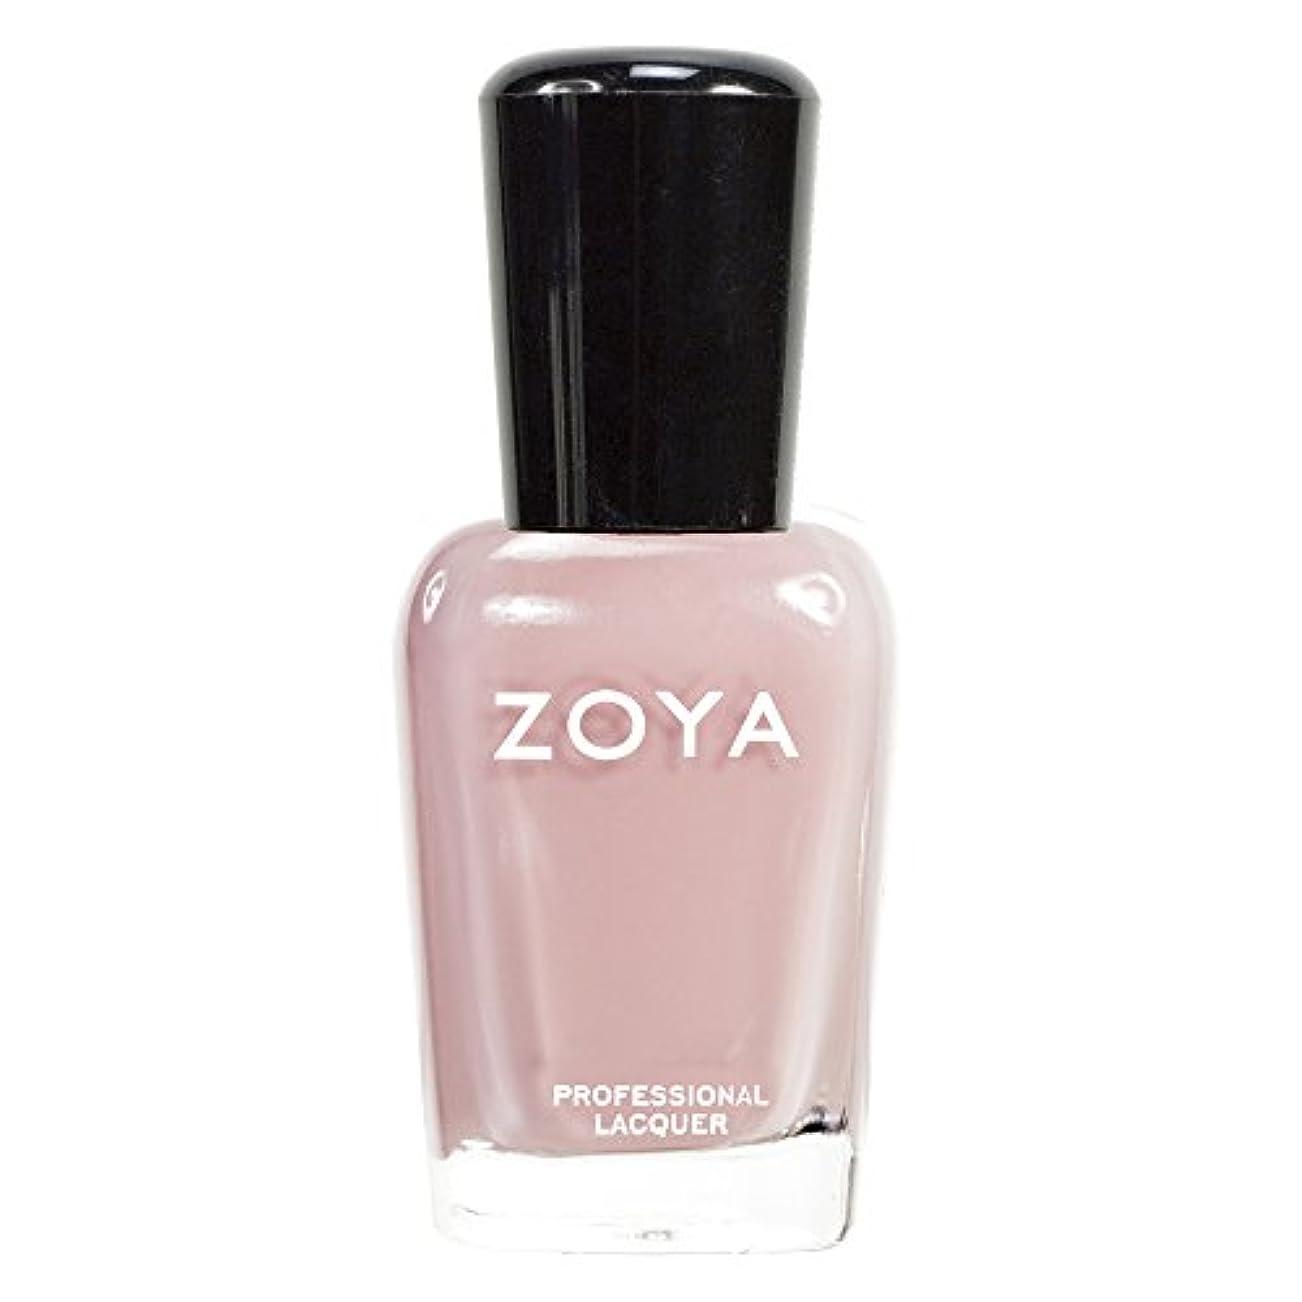 ZOYA ゾーヤ ネイルカラーZP279(AVRIL) アヴリル 15ml 柔らかいニュートラルピンク マット/クリーム 爪にやさしいネイルラッカーマニキュア